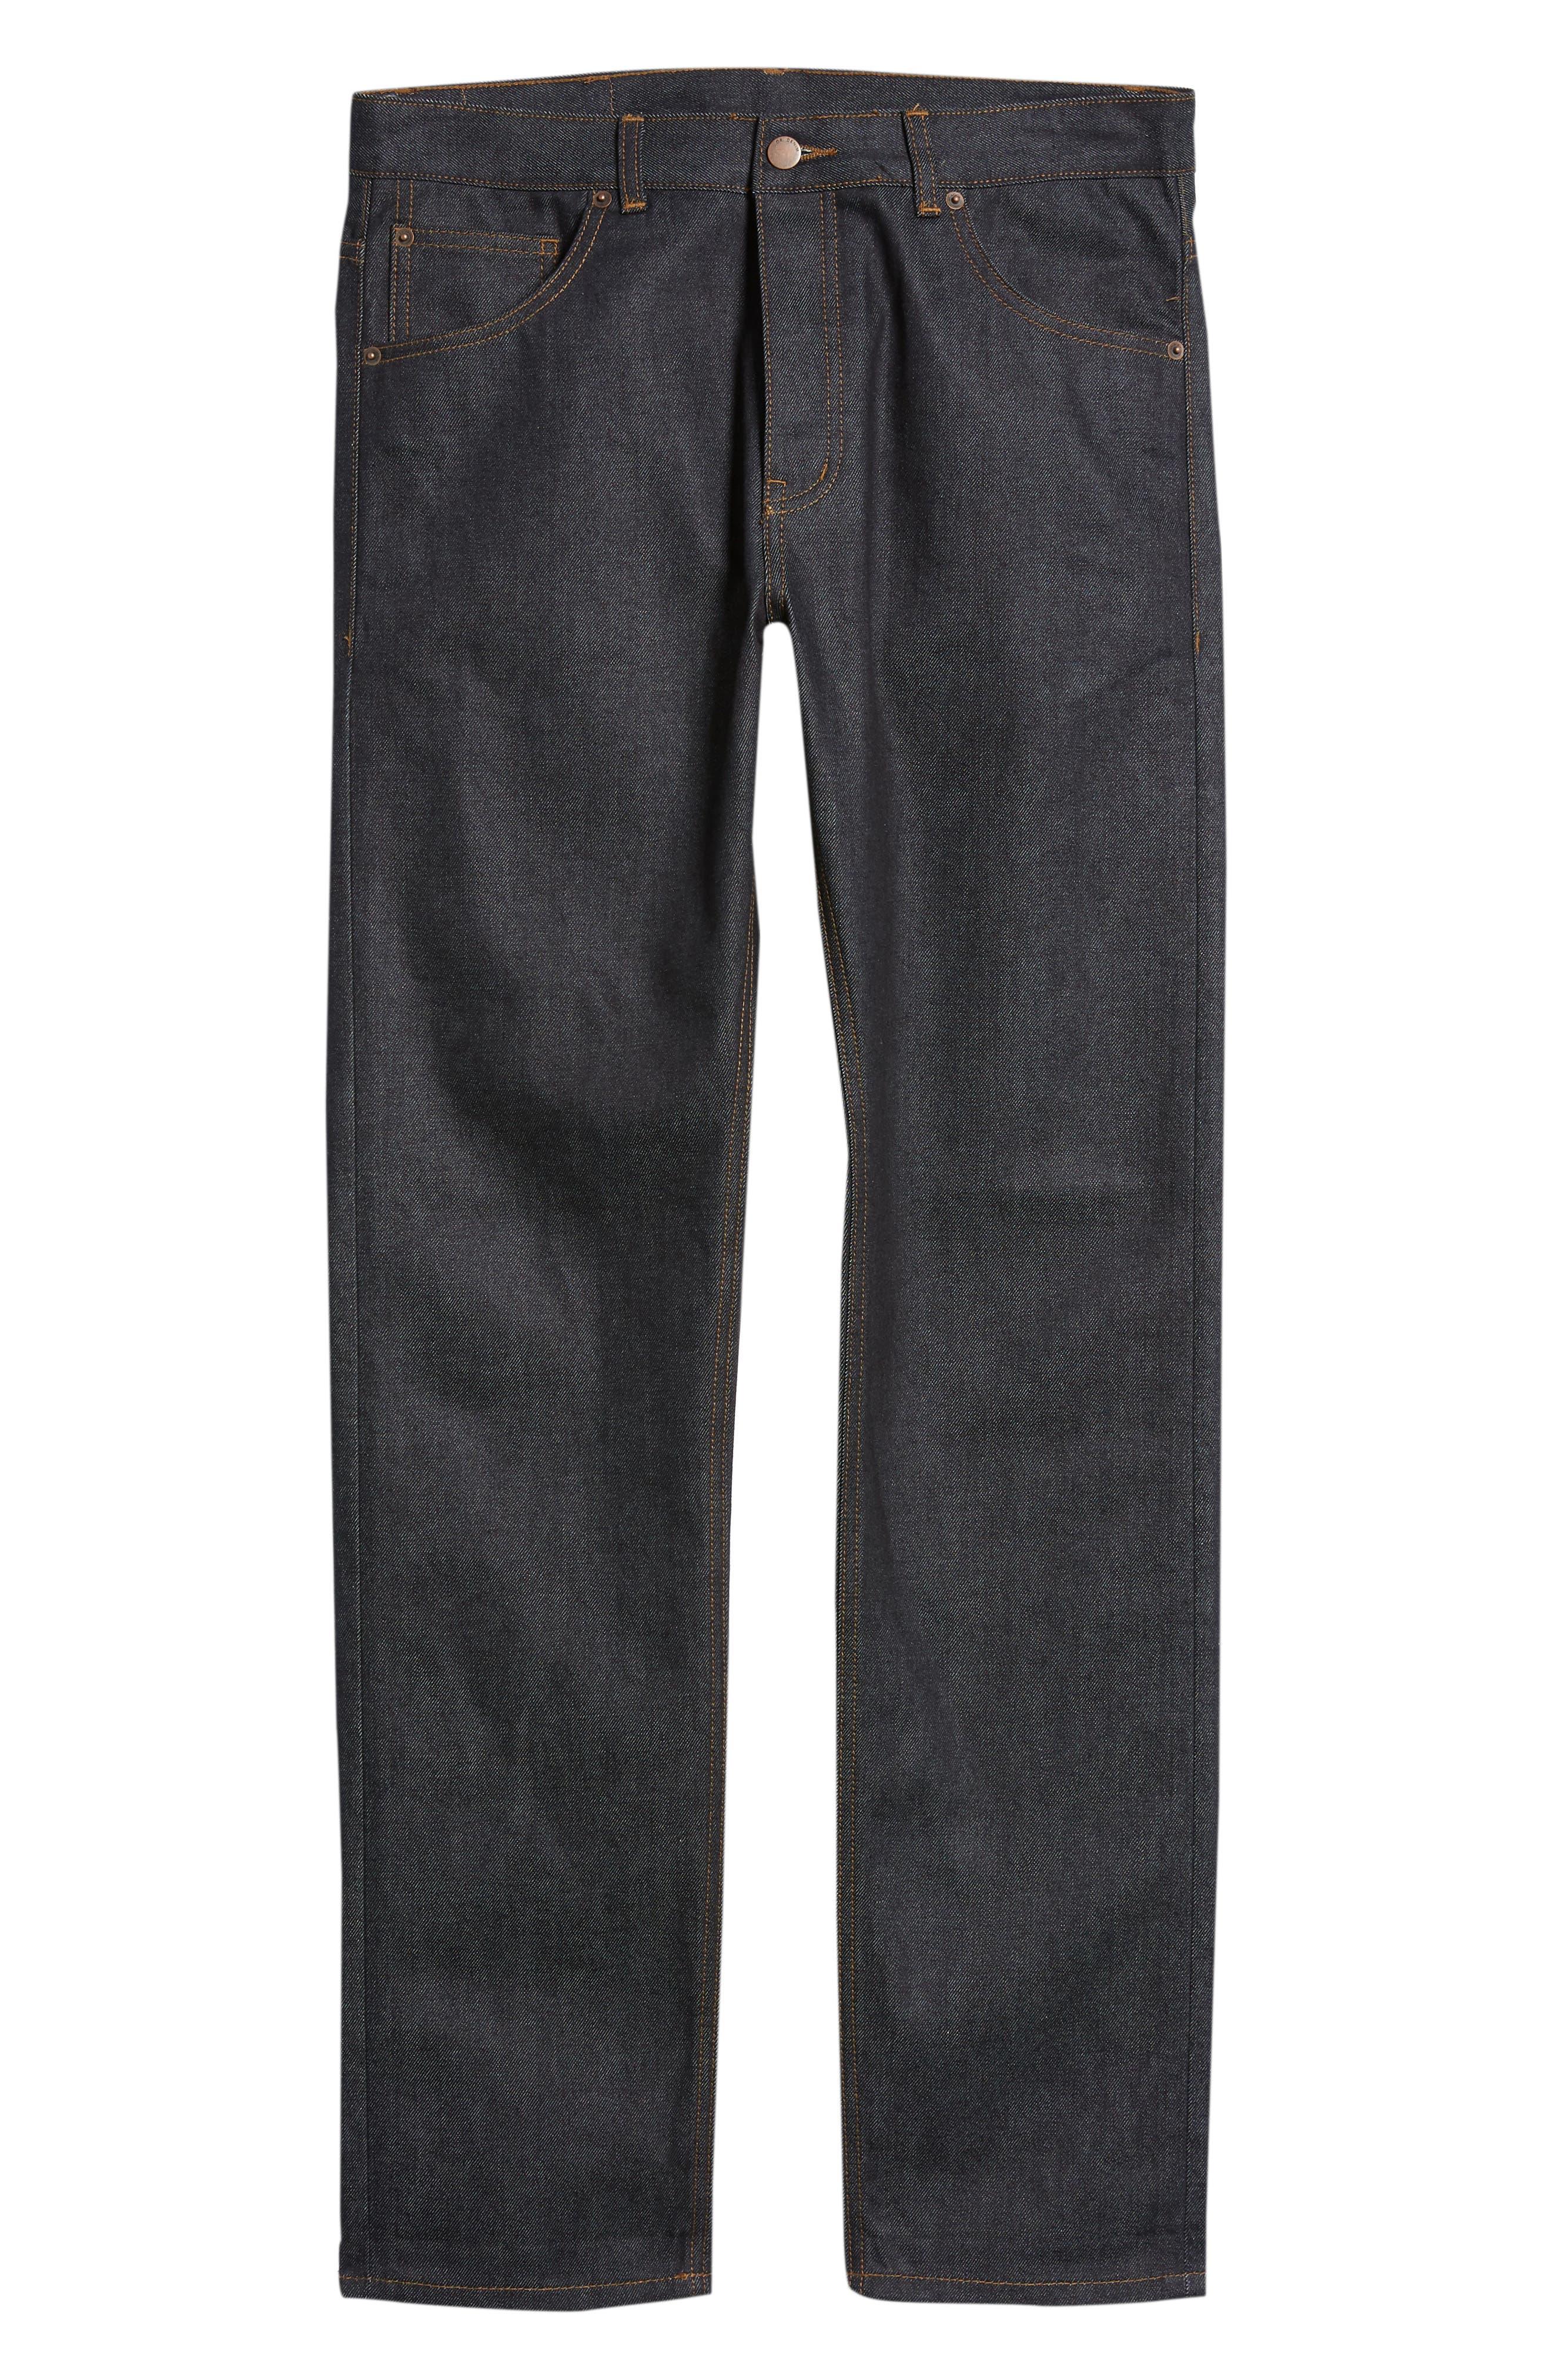 Dr. Denim Jeansmaker Gus Slim Straight Leg Raw Selvedge Jeans,                             Alternate thumbnail 6, color,                             RAW SELVAGE